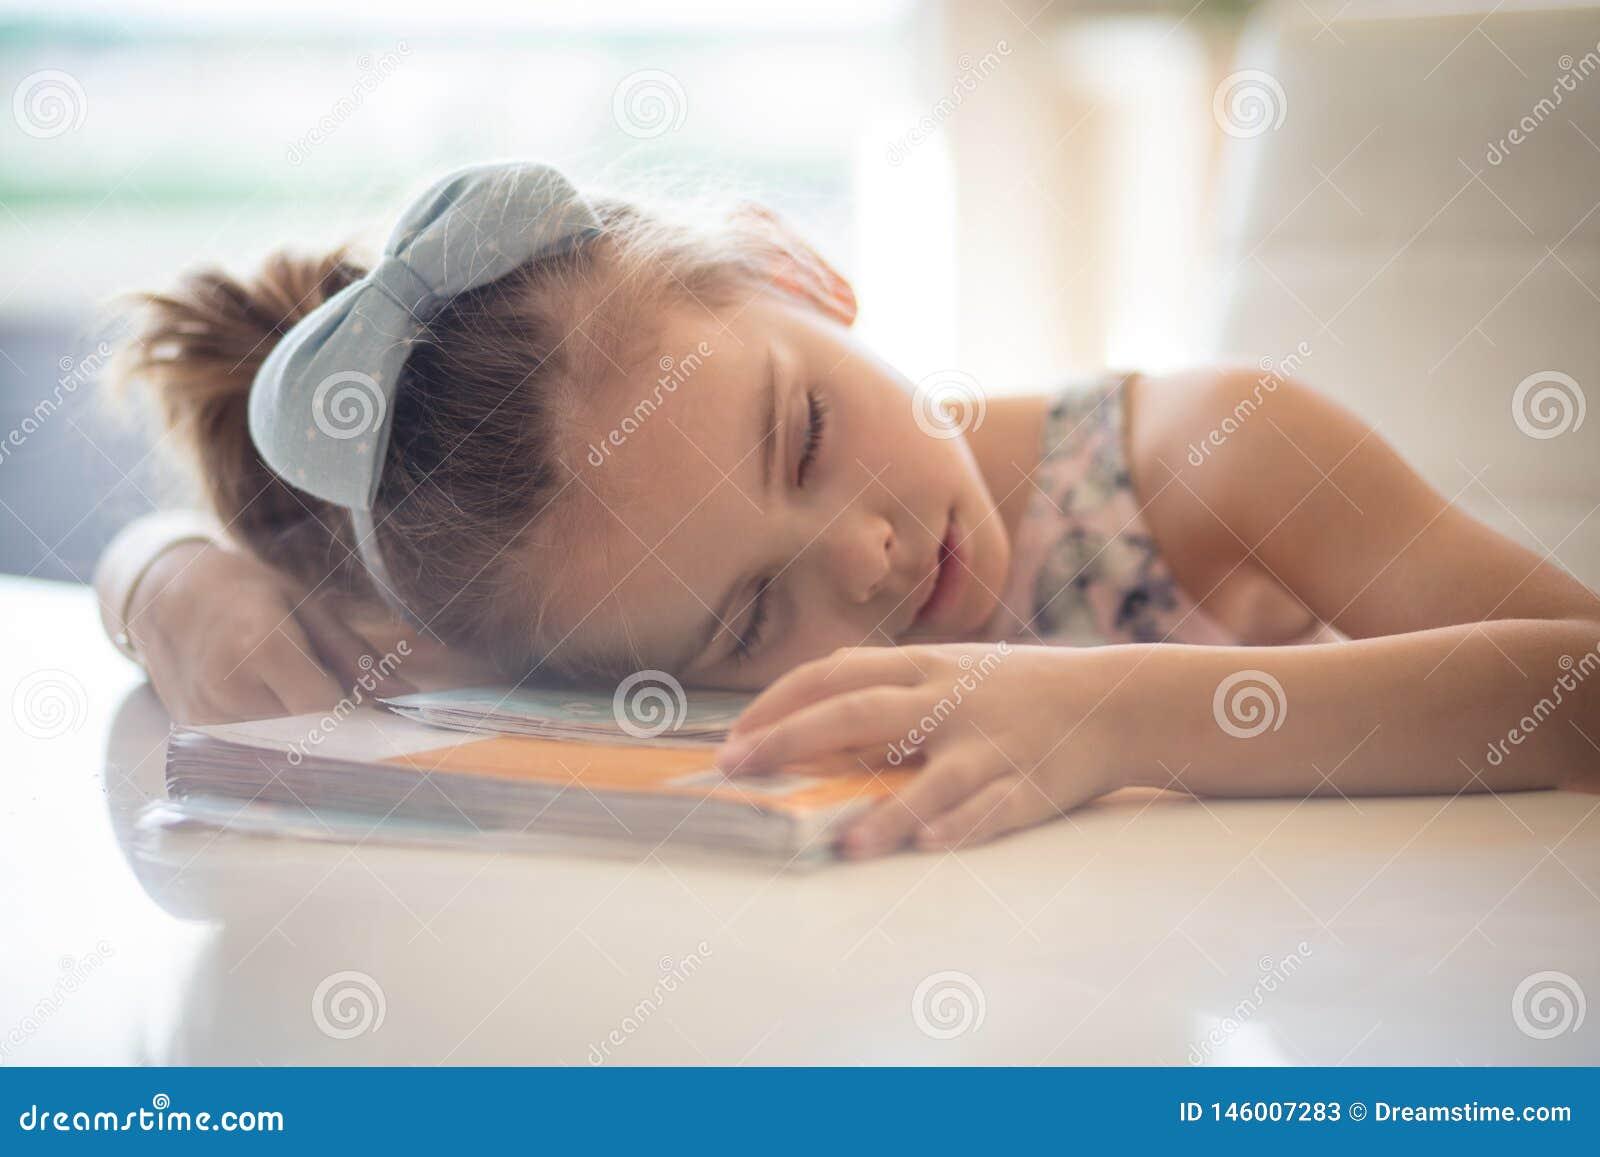 她对读书是疲乏